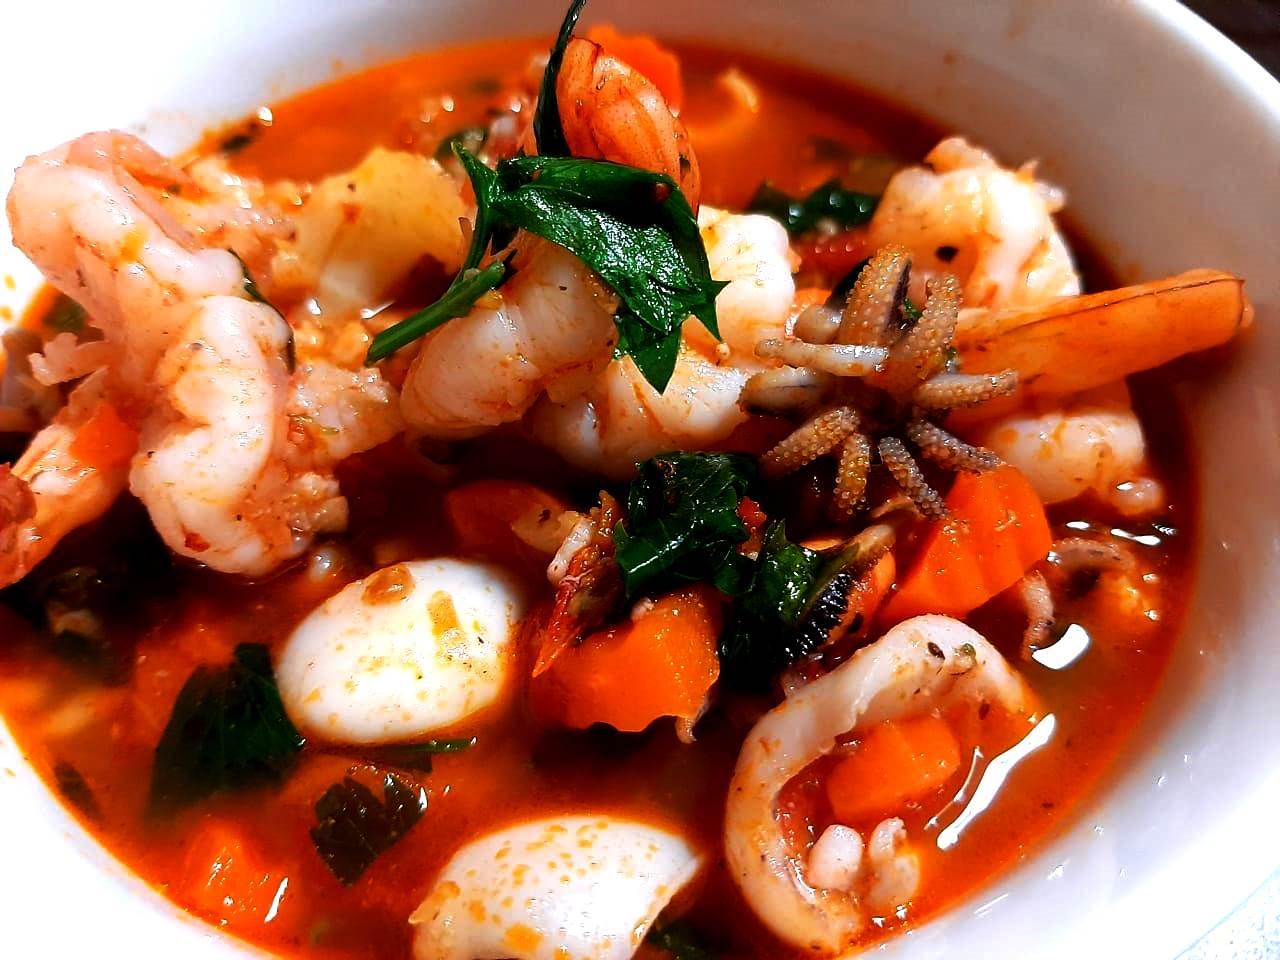 Морской коктейль и овощи: простой рецепт ужина с легко заменяемыми продуктами (подходит худеющим)